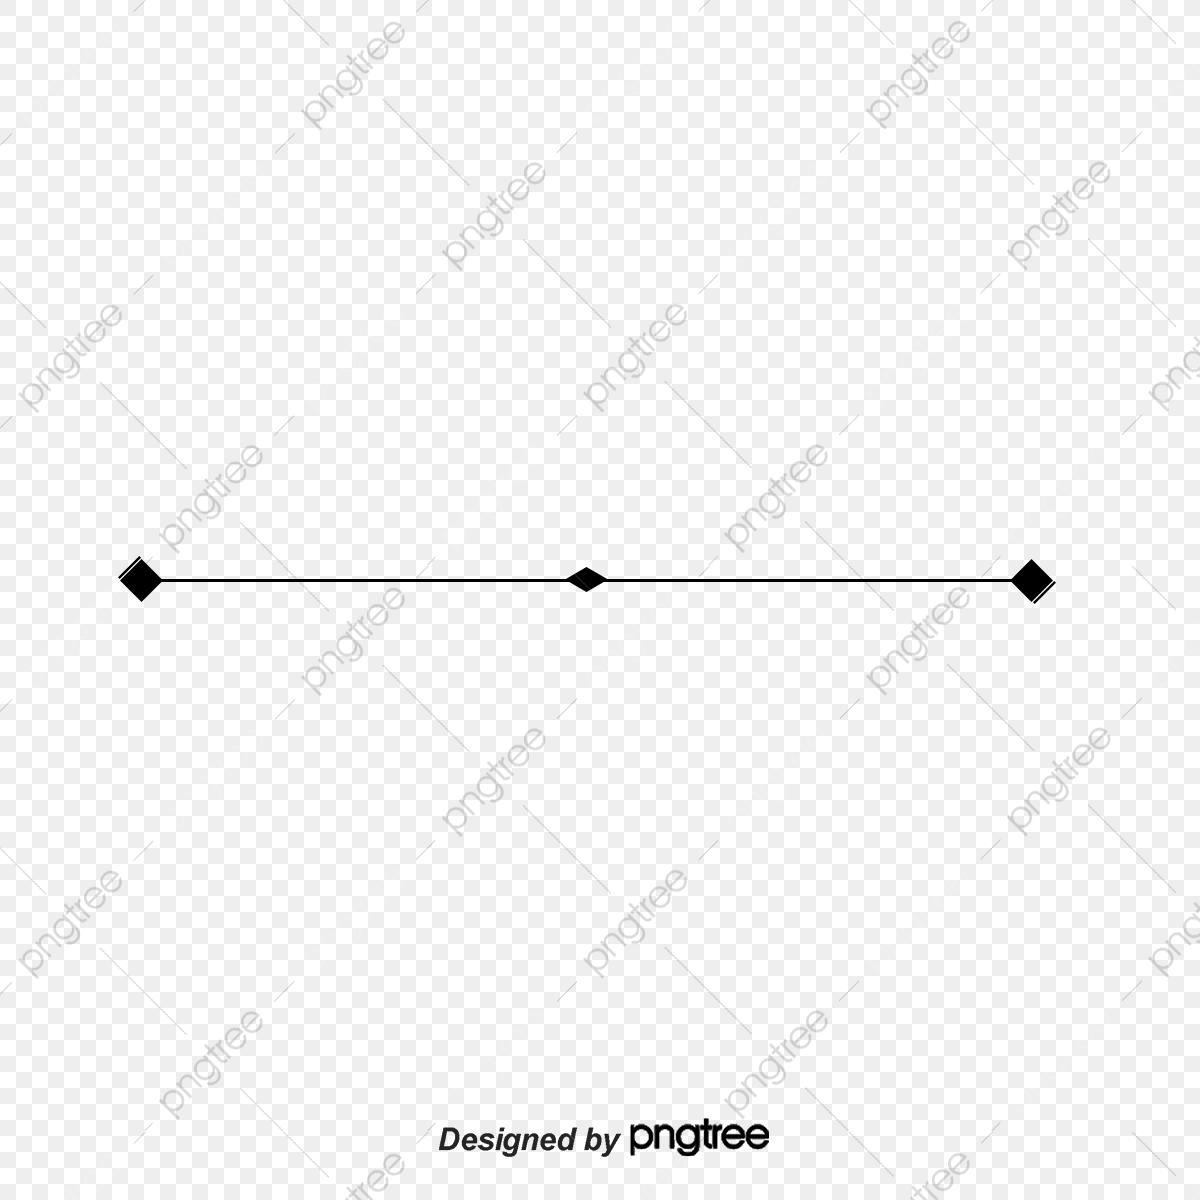 Lines clipart dividing line. Decorative decoration